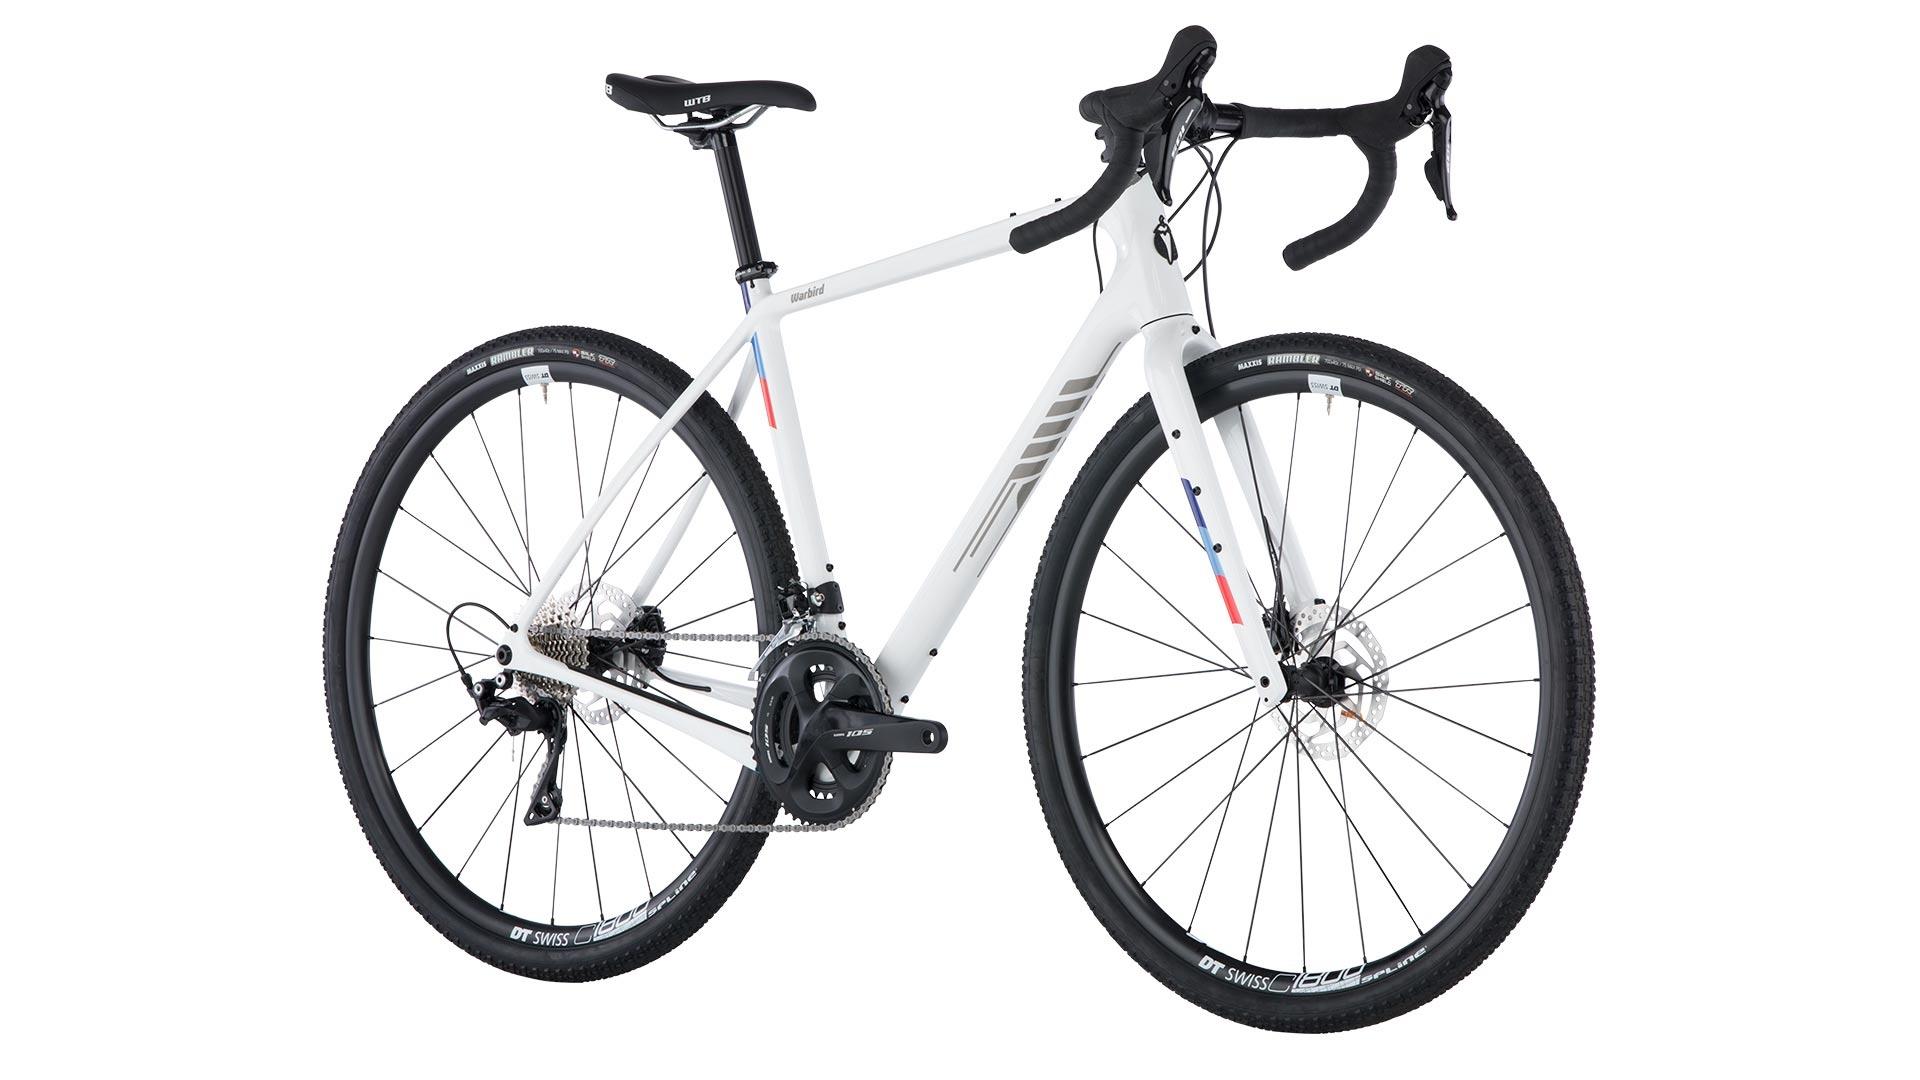 Salsa Salsa Warbird Carbon 700c 105 Bike, White 2019